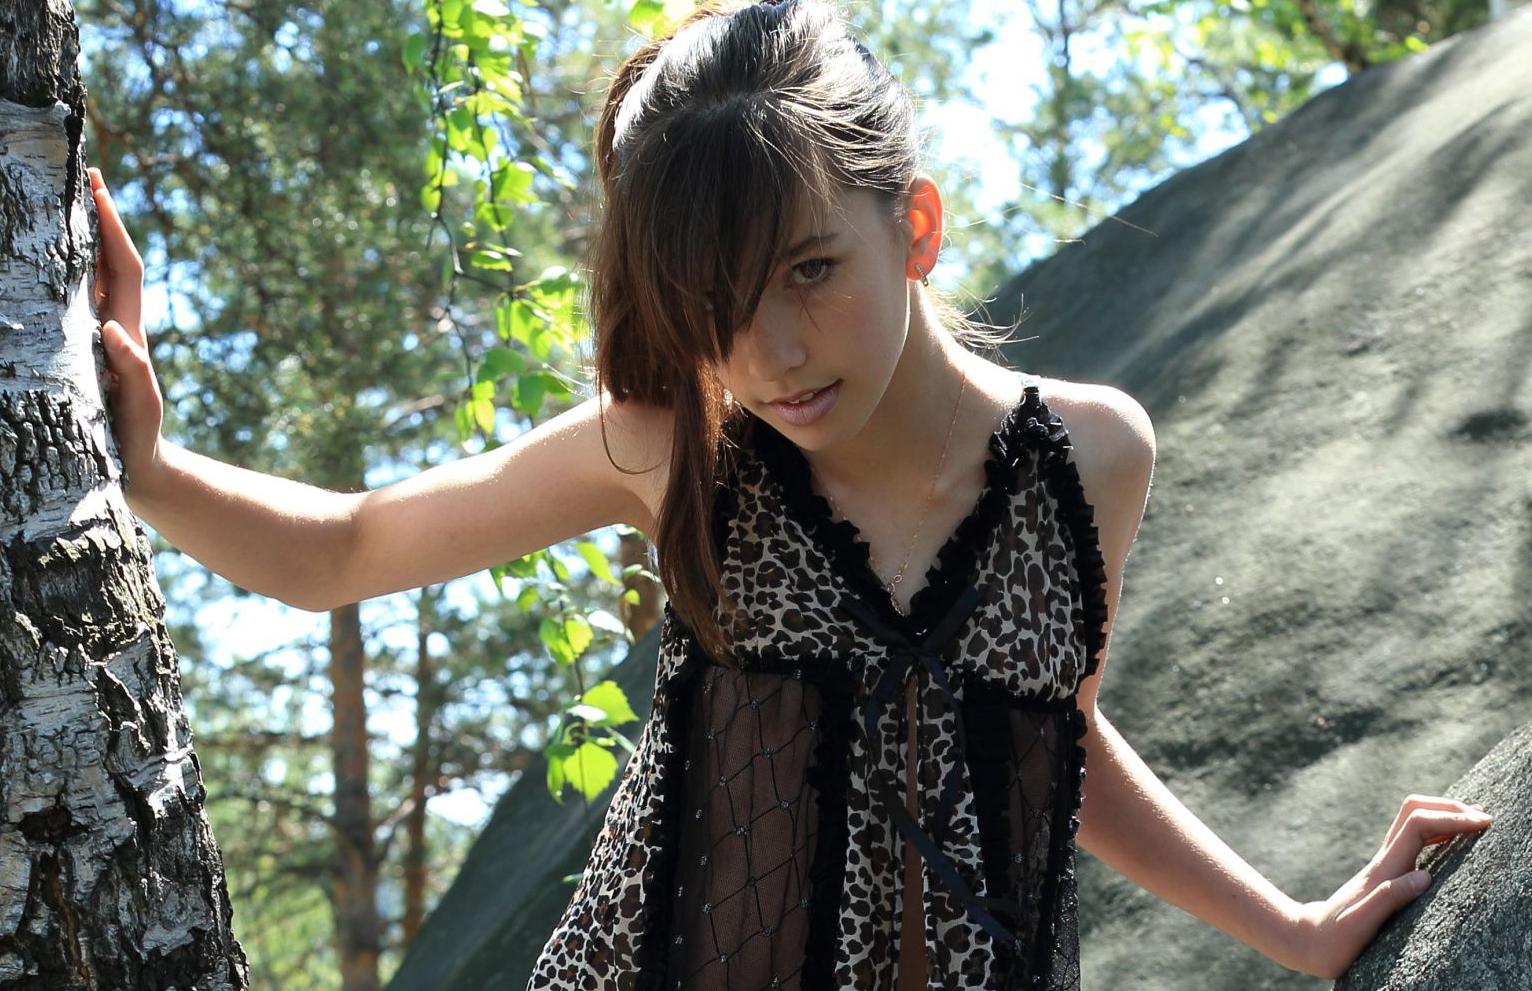 www vipergirls